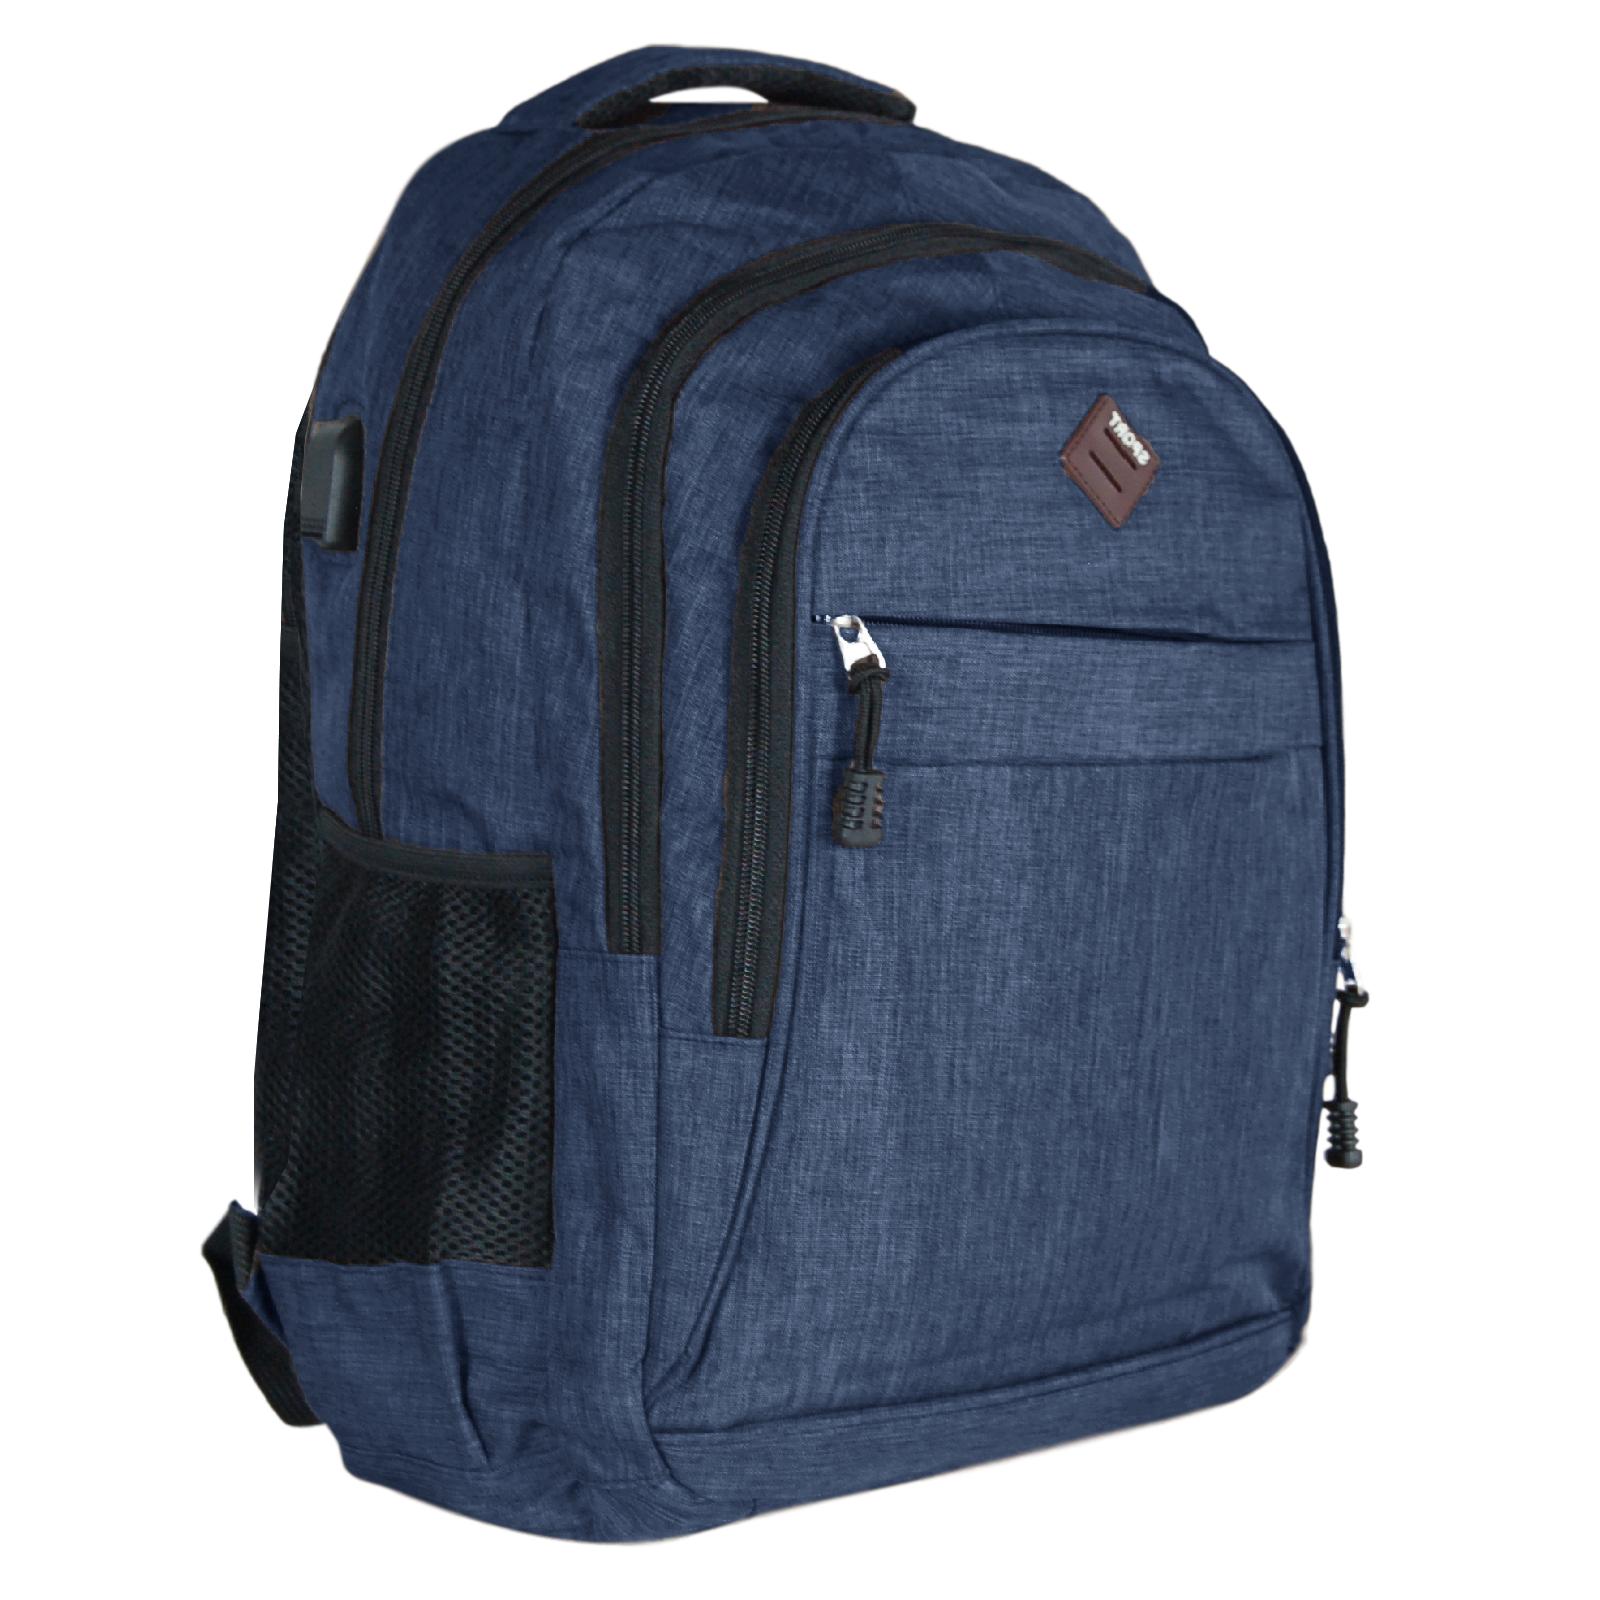 Zaino-Uomo-Donna-Porta-USB-Multitasche-Viaggio-Rosso-Blu-Nero-Grigio miniatura 18